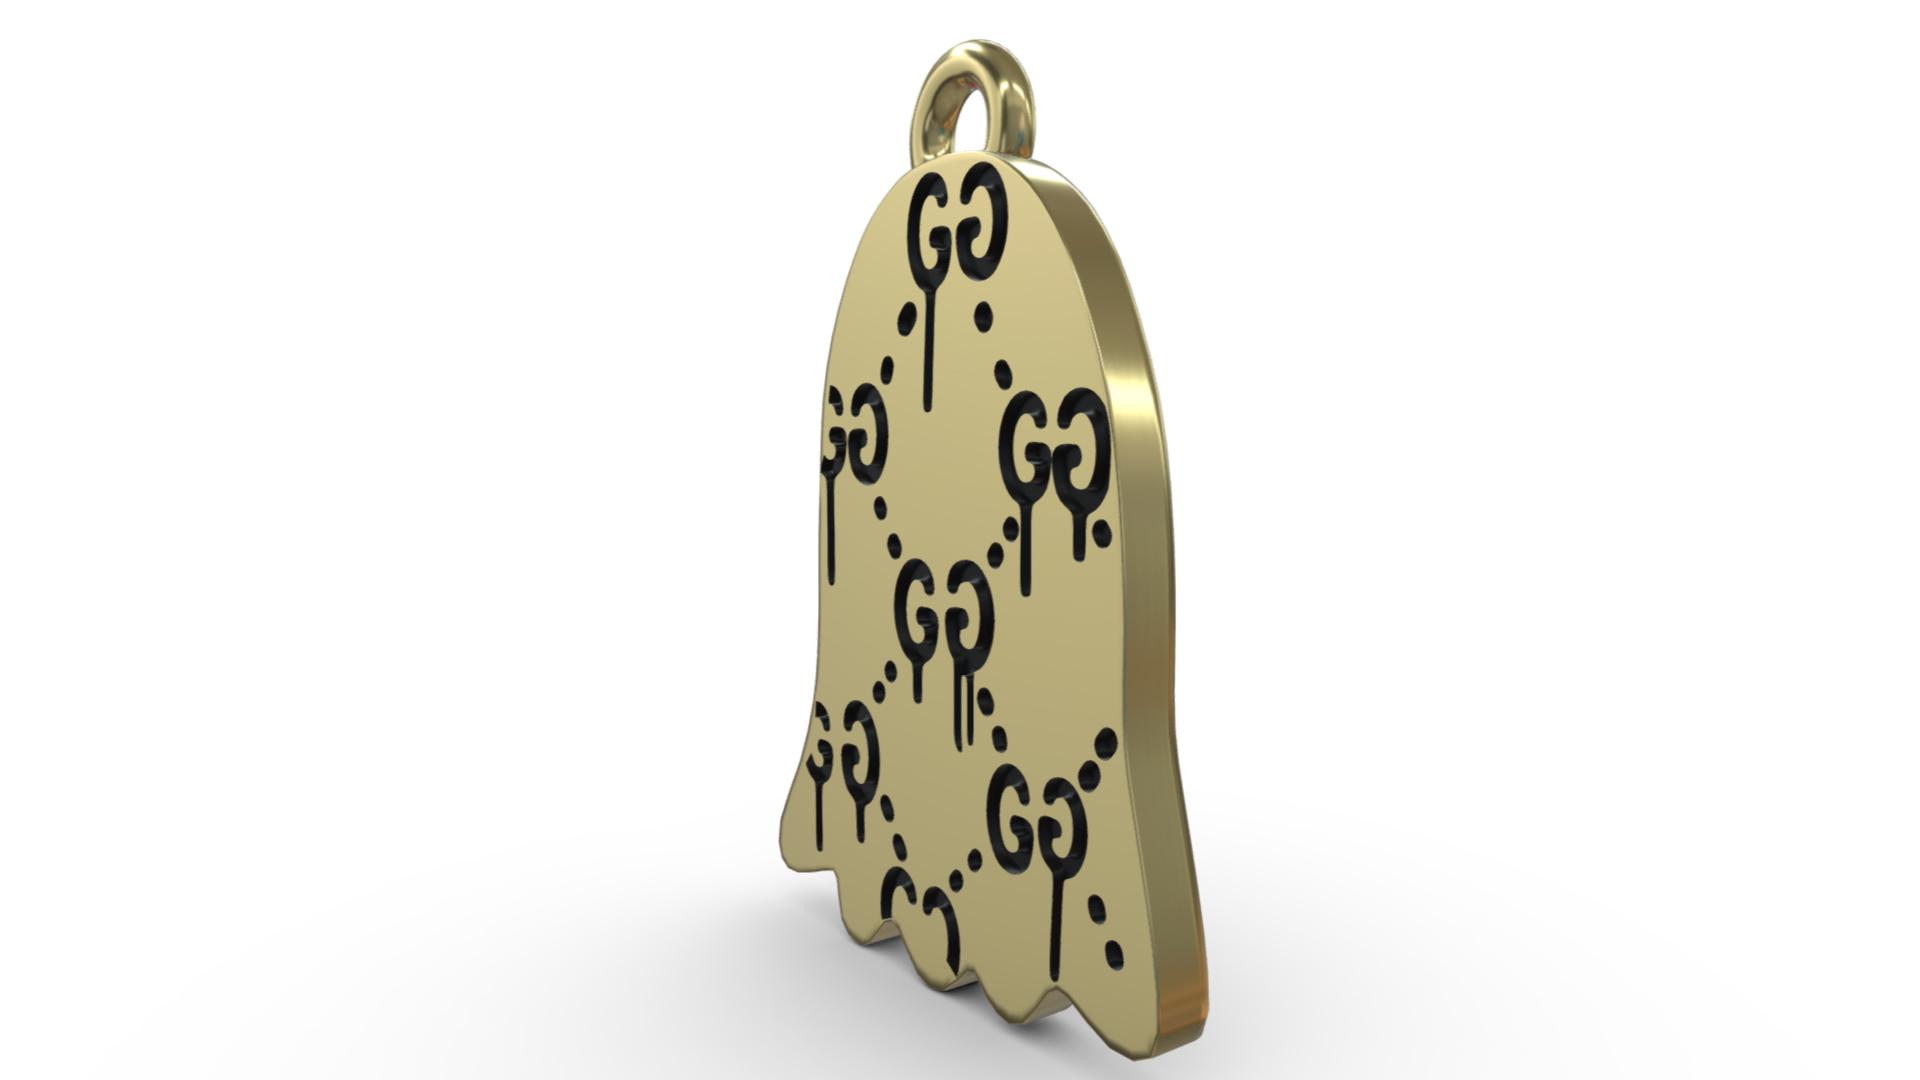 c2e7d0771 Gucci pendant 2 - 3DOcean Item for Sale. 1.jpg 10.jpg 2.jpg 3.jpg 4.jpg  5.jpg 6.jpg ...